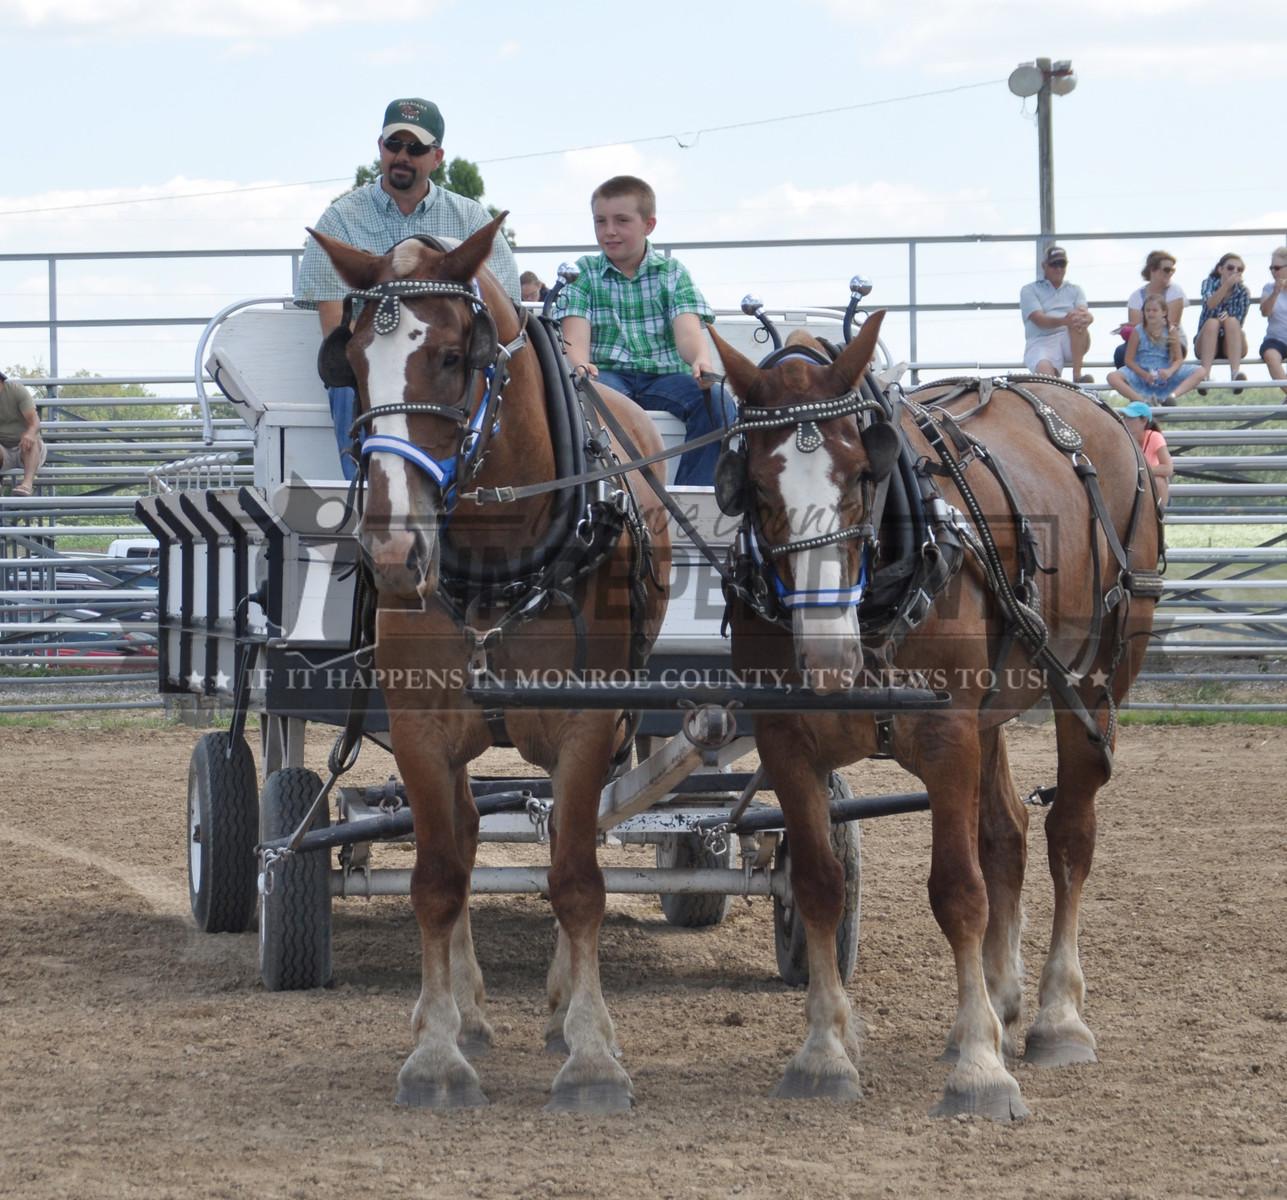 2017 Monroe County Fair Equestrian